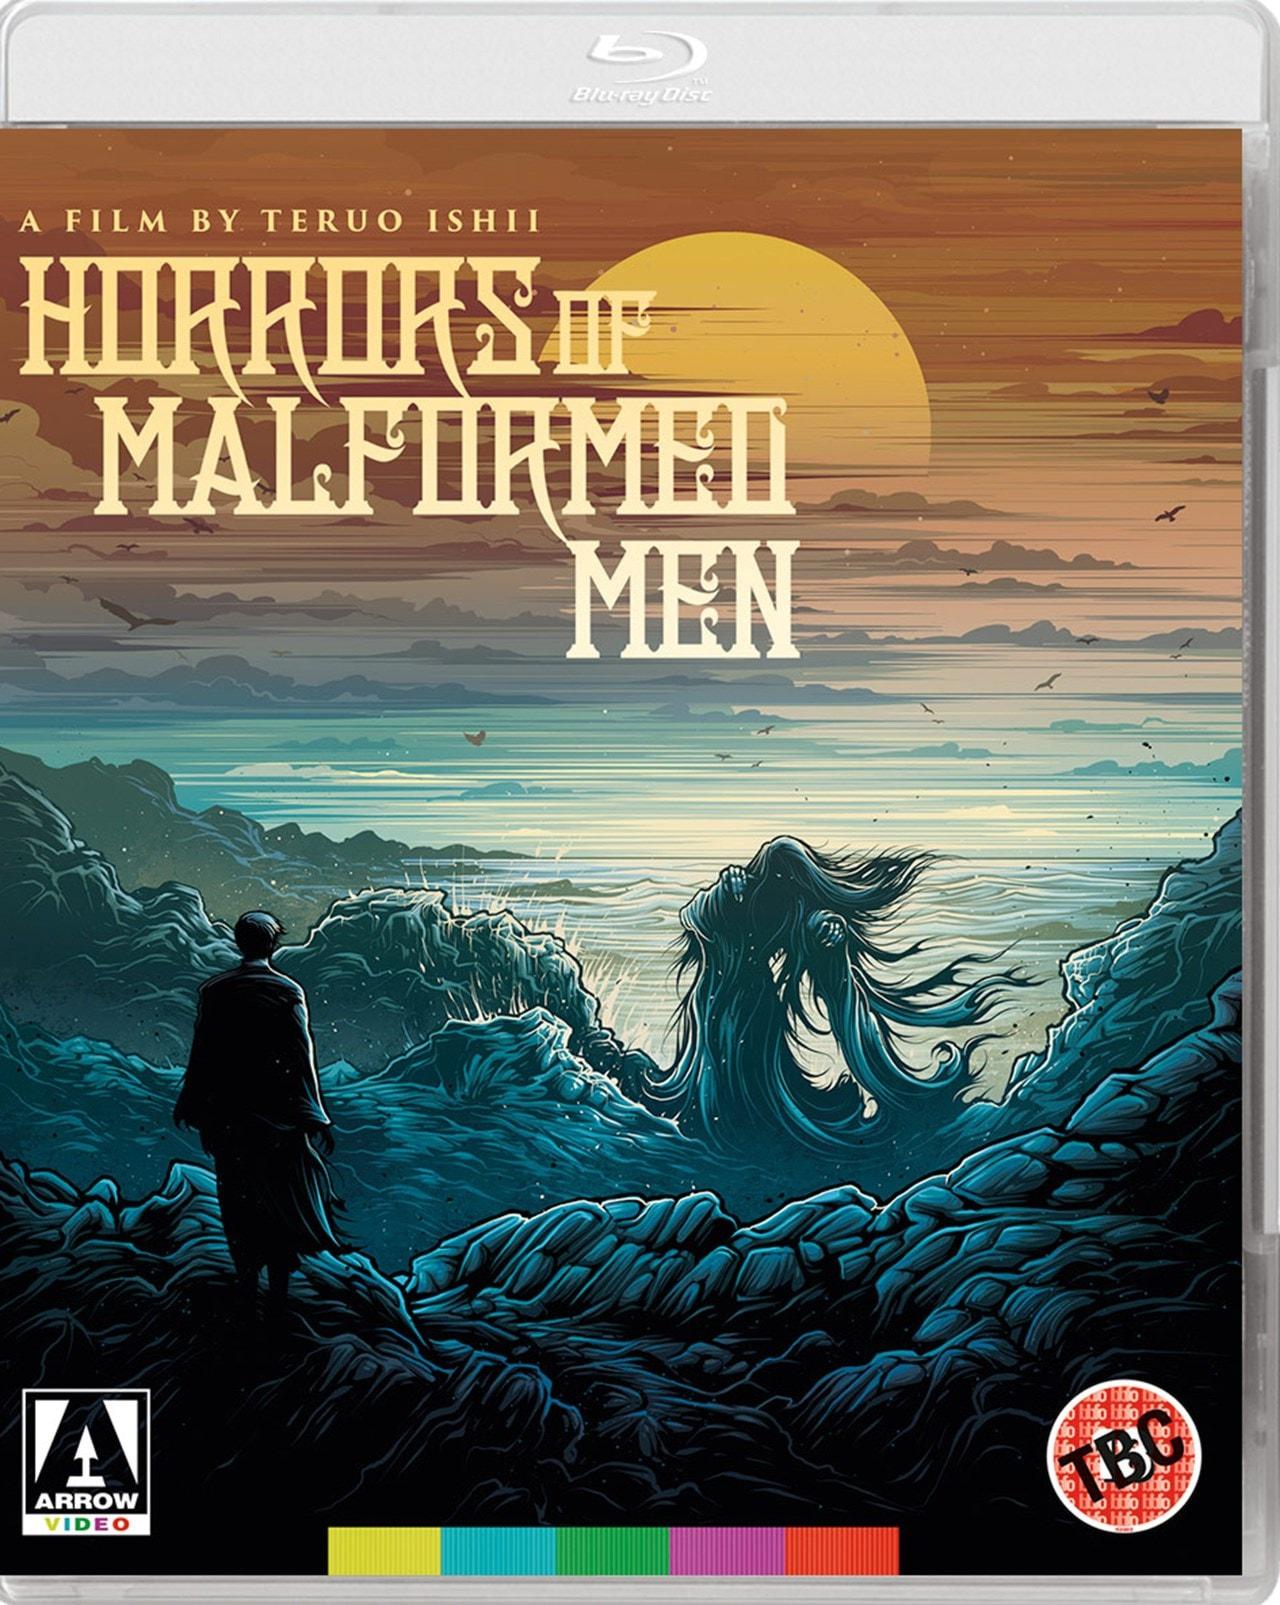 Horrors of Malformed Men - 1